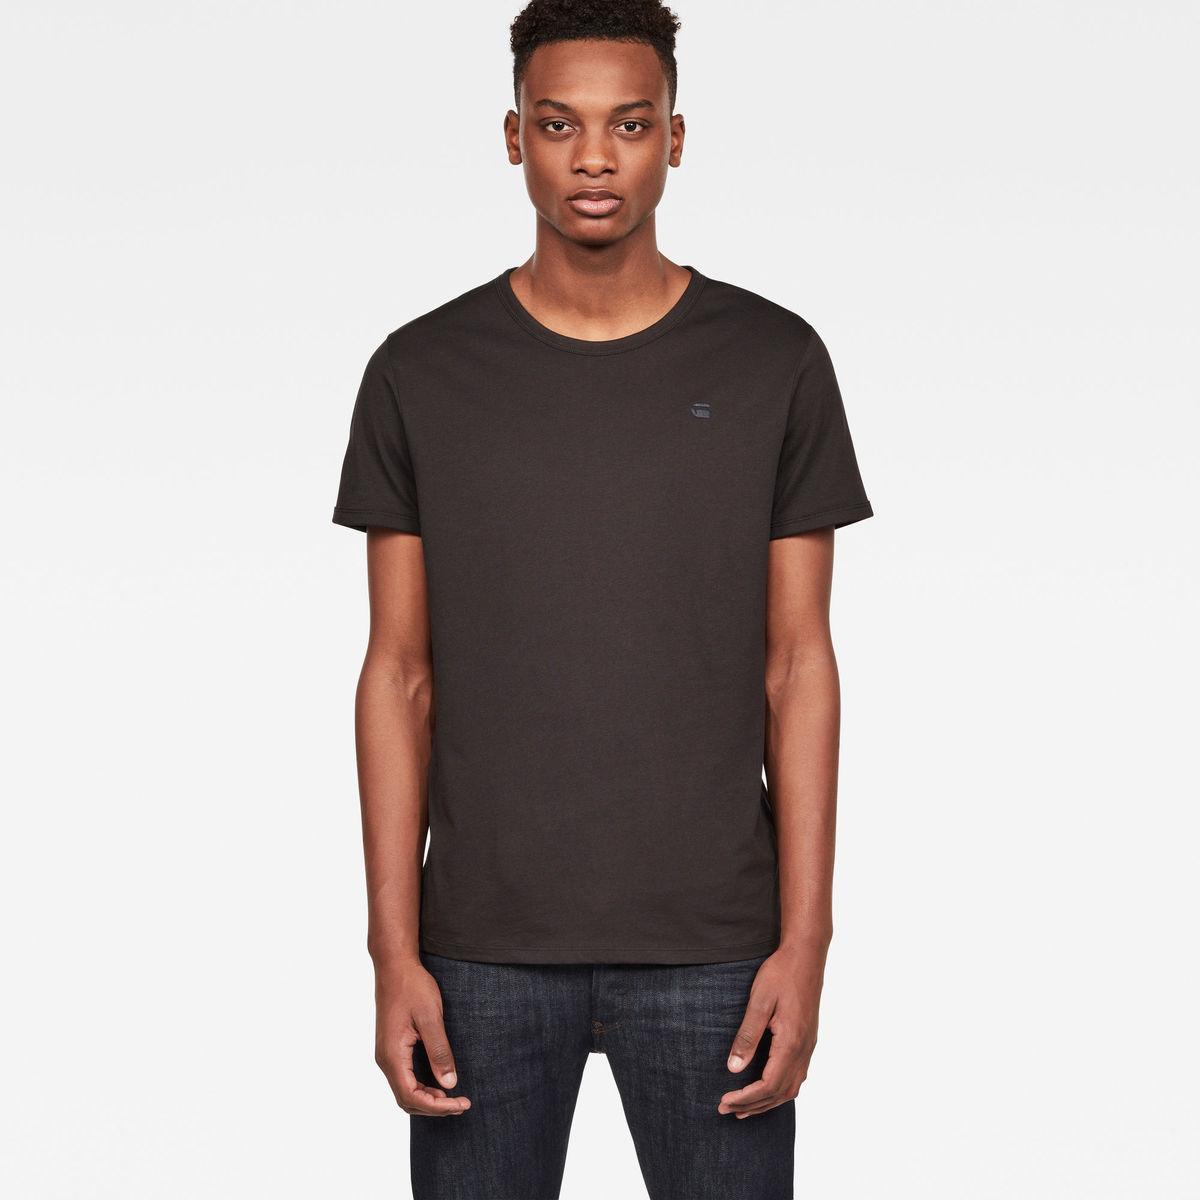 Bild 1 von Base-S T-Shirt